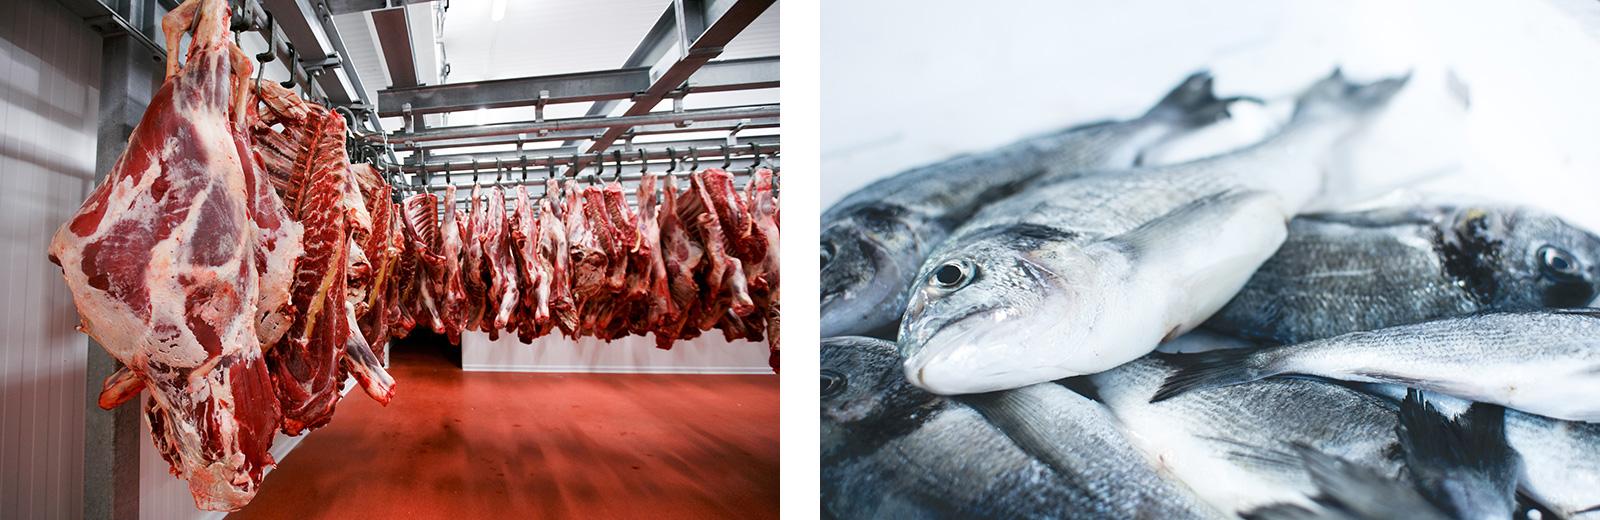 Eiweißlieferanten: Fleisch und Fisch